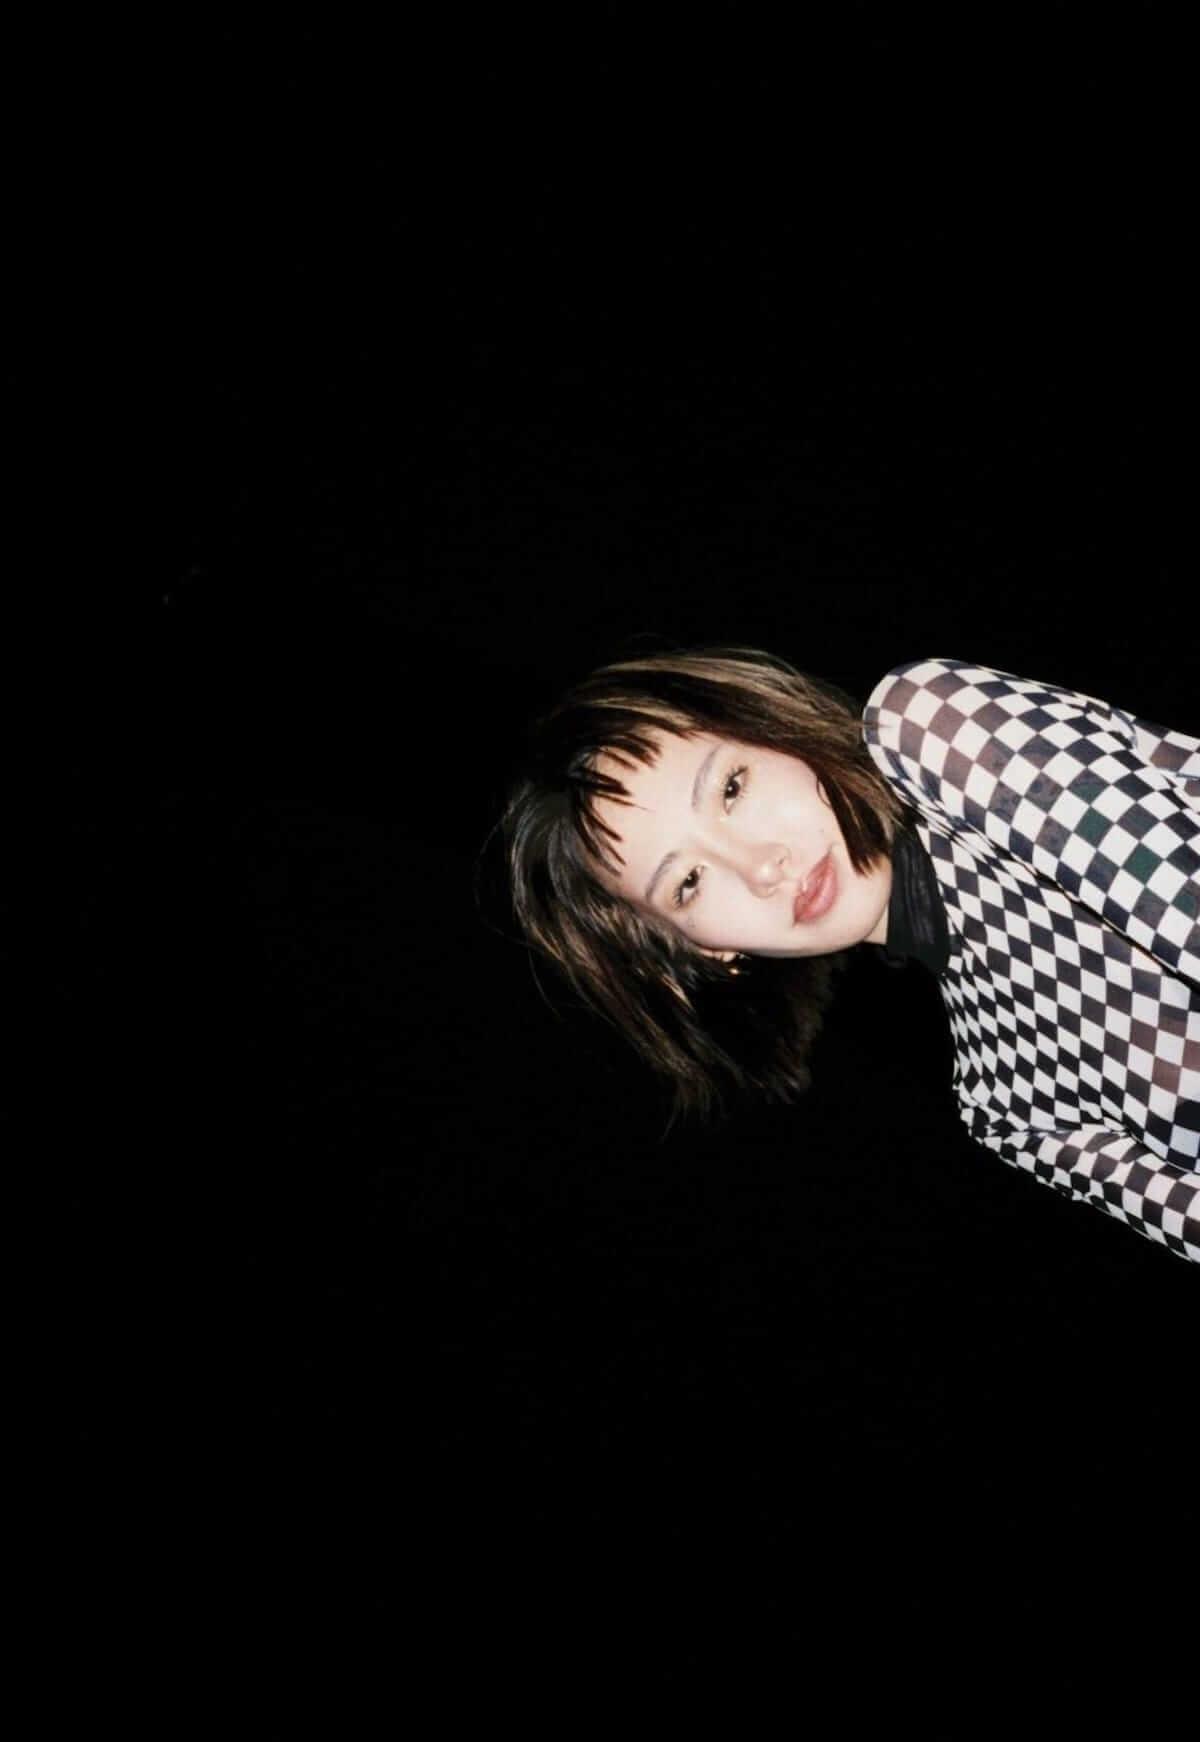 【聴いてみな、飛ぶぞ!】ゆるふわギャングの2ndアルバム「Mars Ice House Ⅱ」が本日リリース music180704_yurufuwagang_-1200x1742